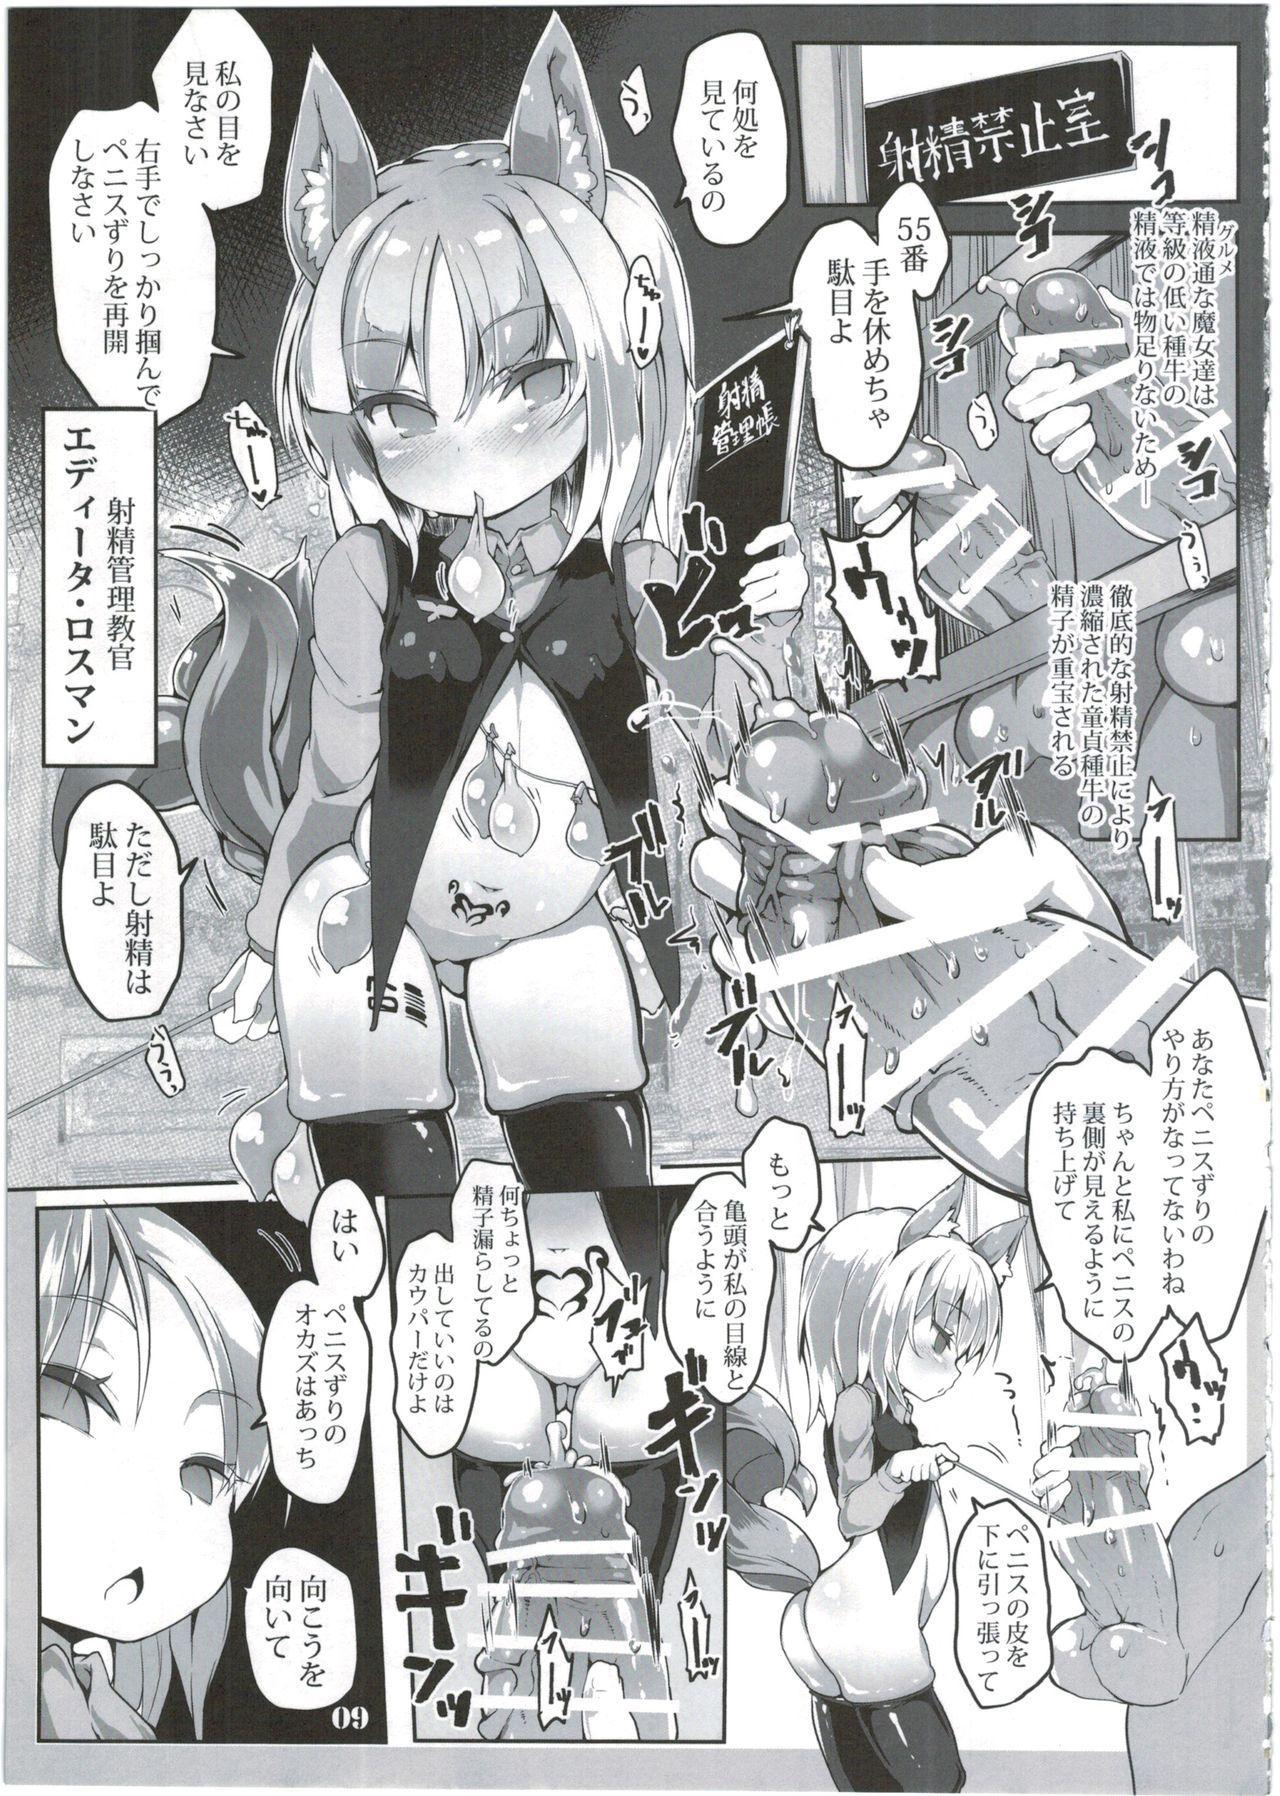 Tanoshii Seieki Bokujou 10